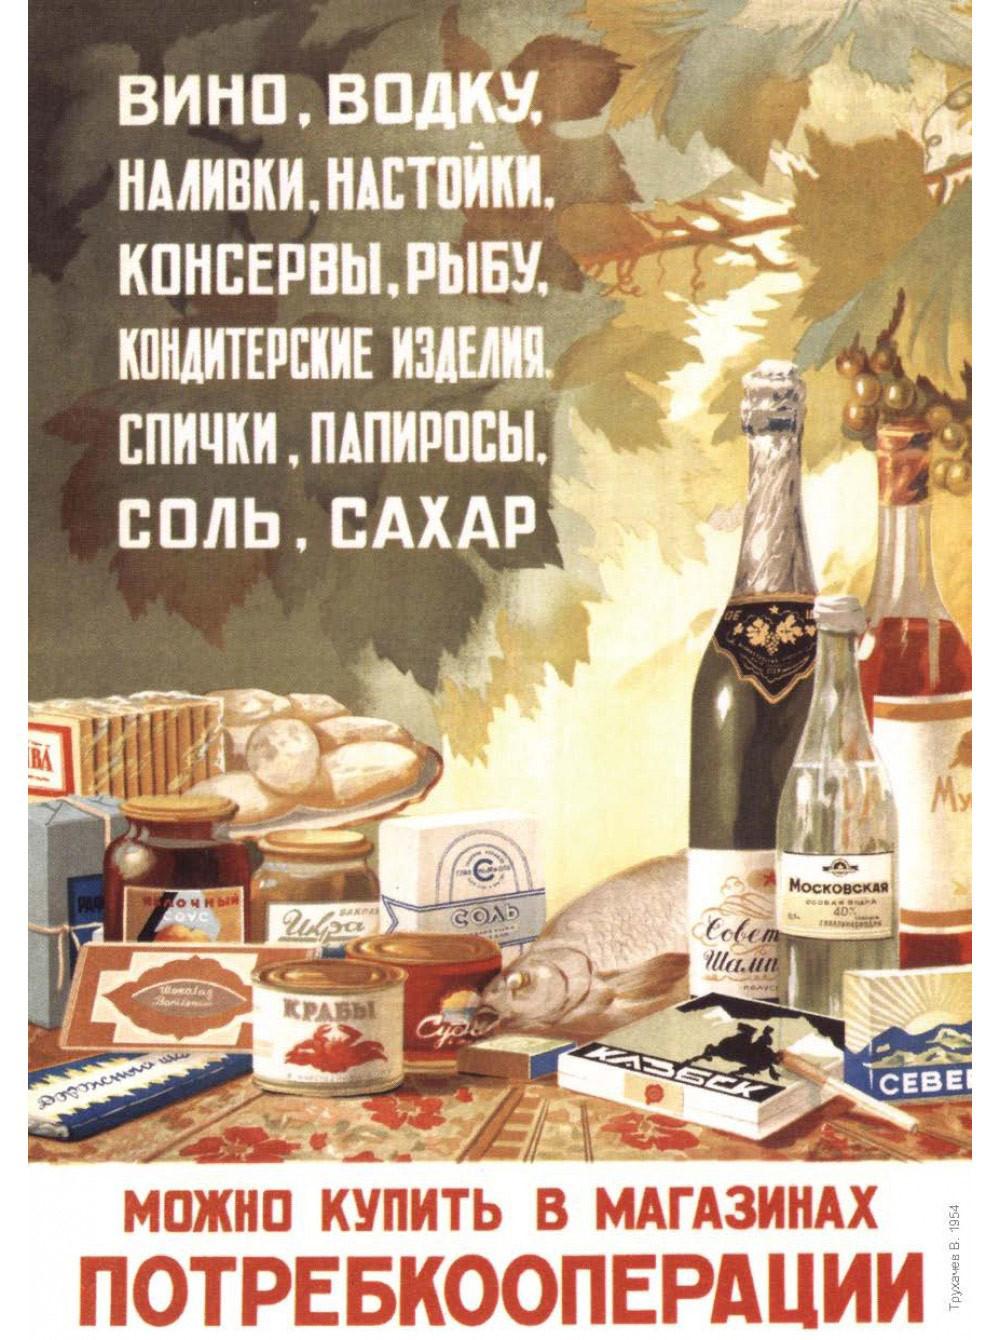 Vin, vodka, sel, conserves, cigarettes, etc. peuvent être achetés dans les magasins de la coopération de consommateurs